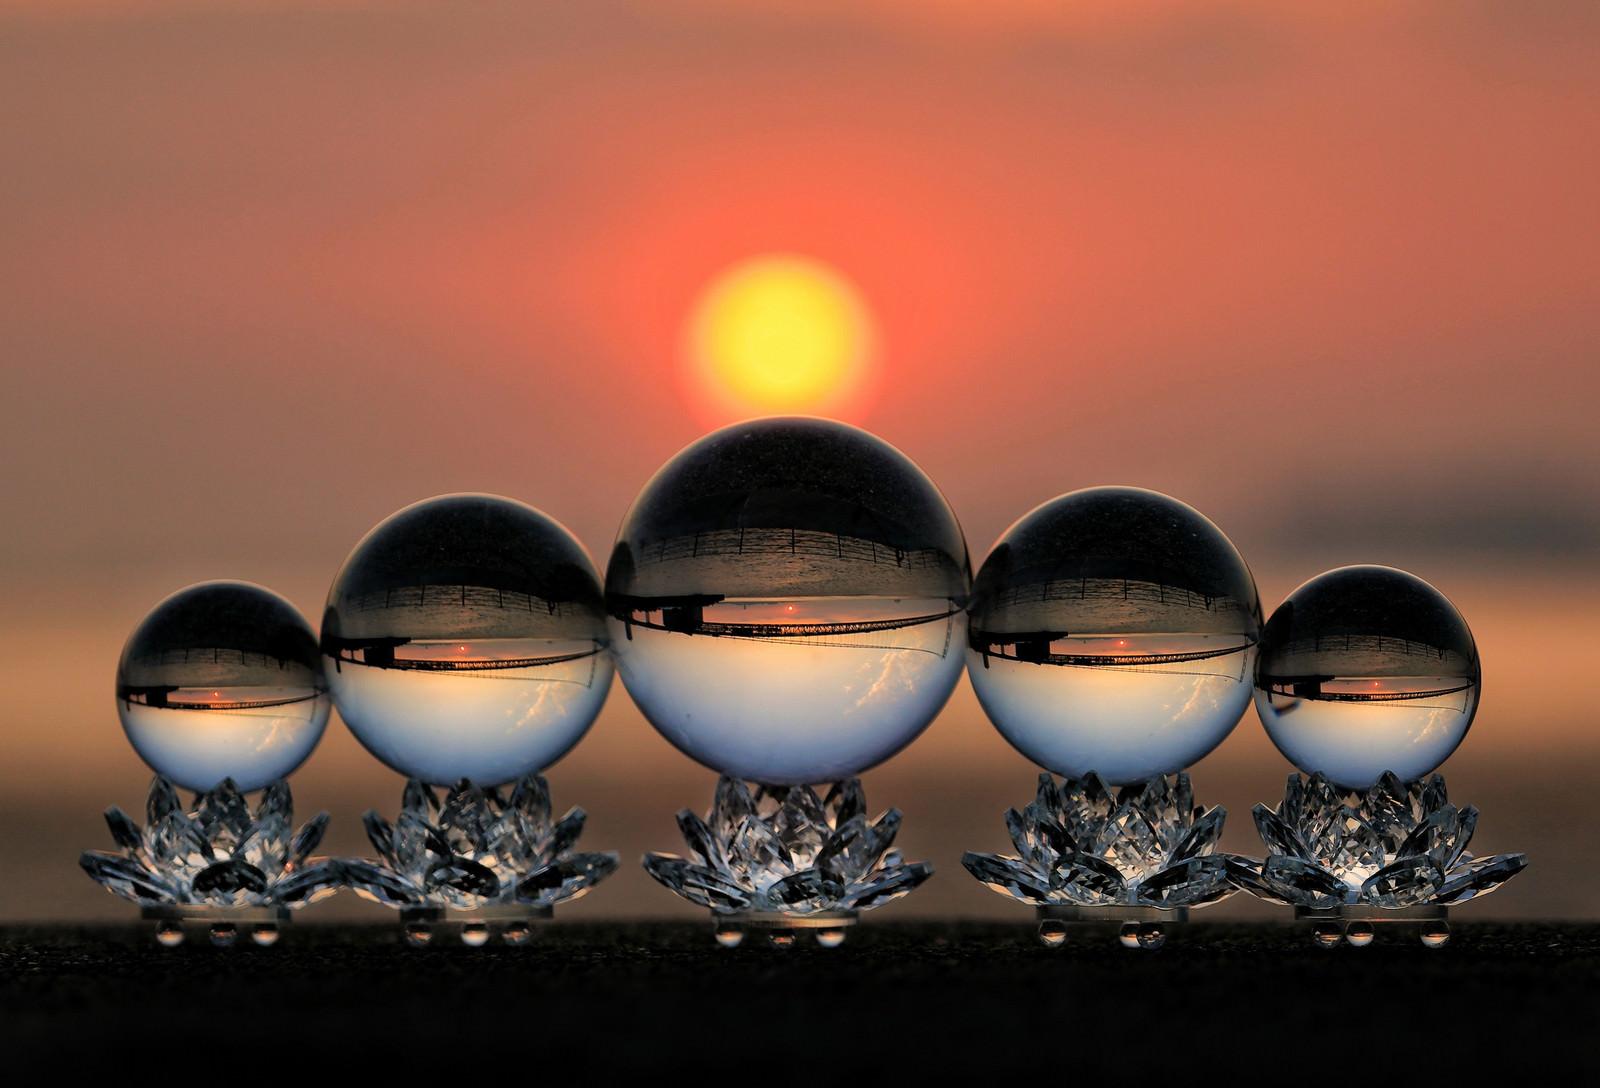 「夕日の海岸と水晶球」の写真